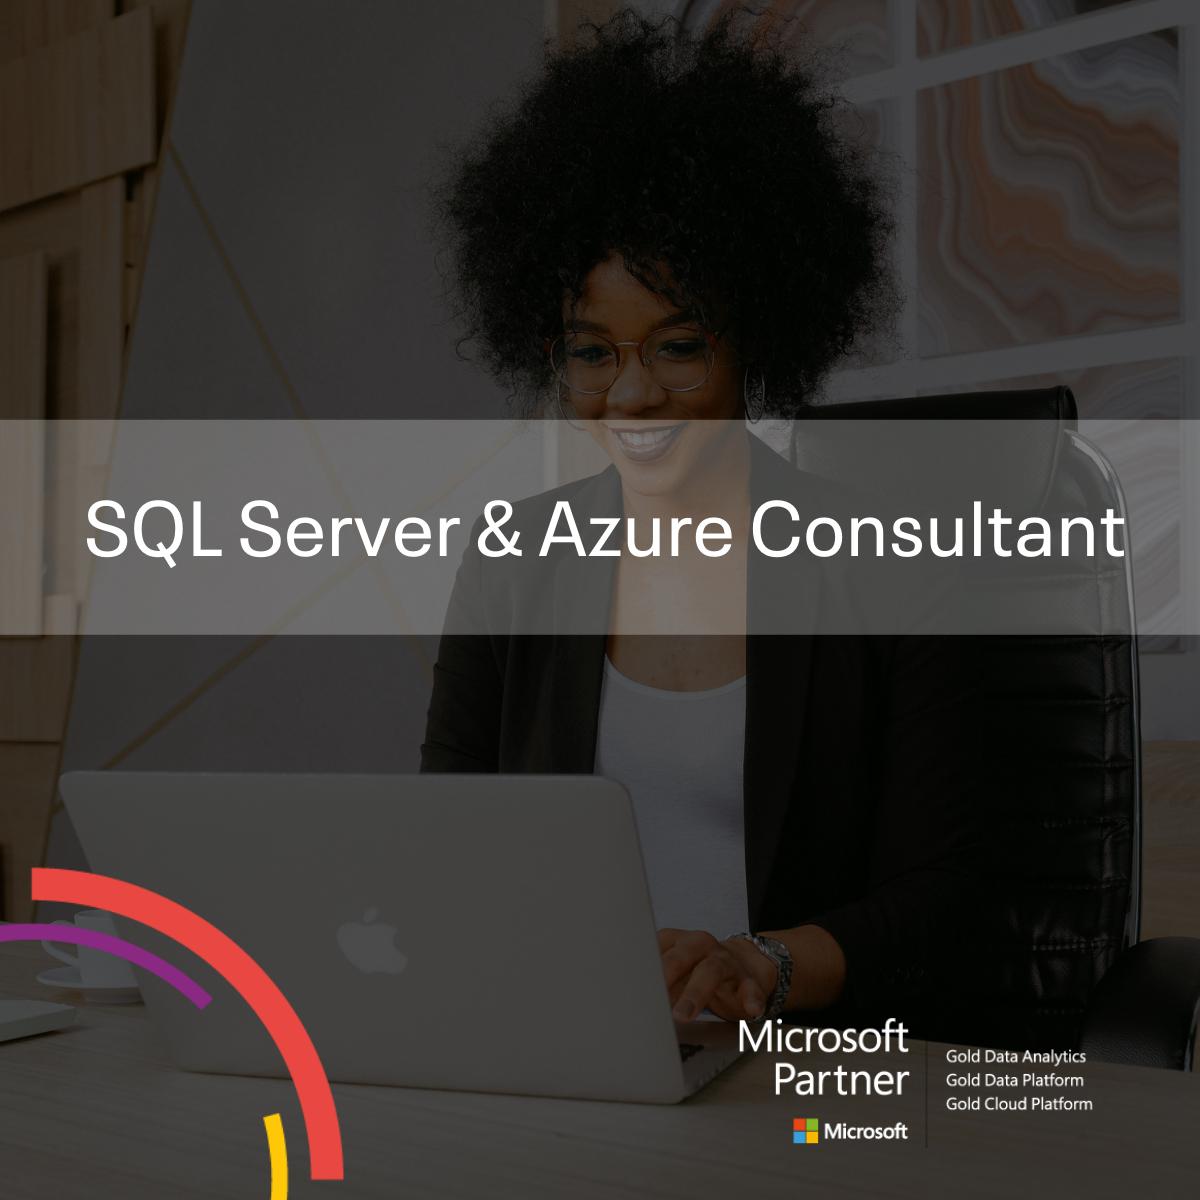 SQL Azure Consultant